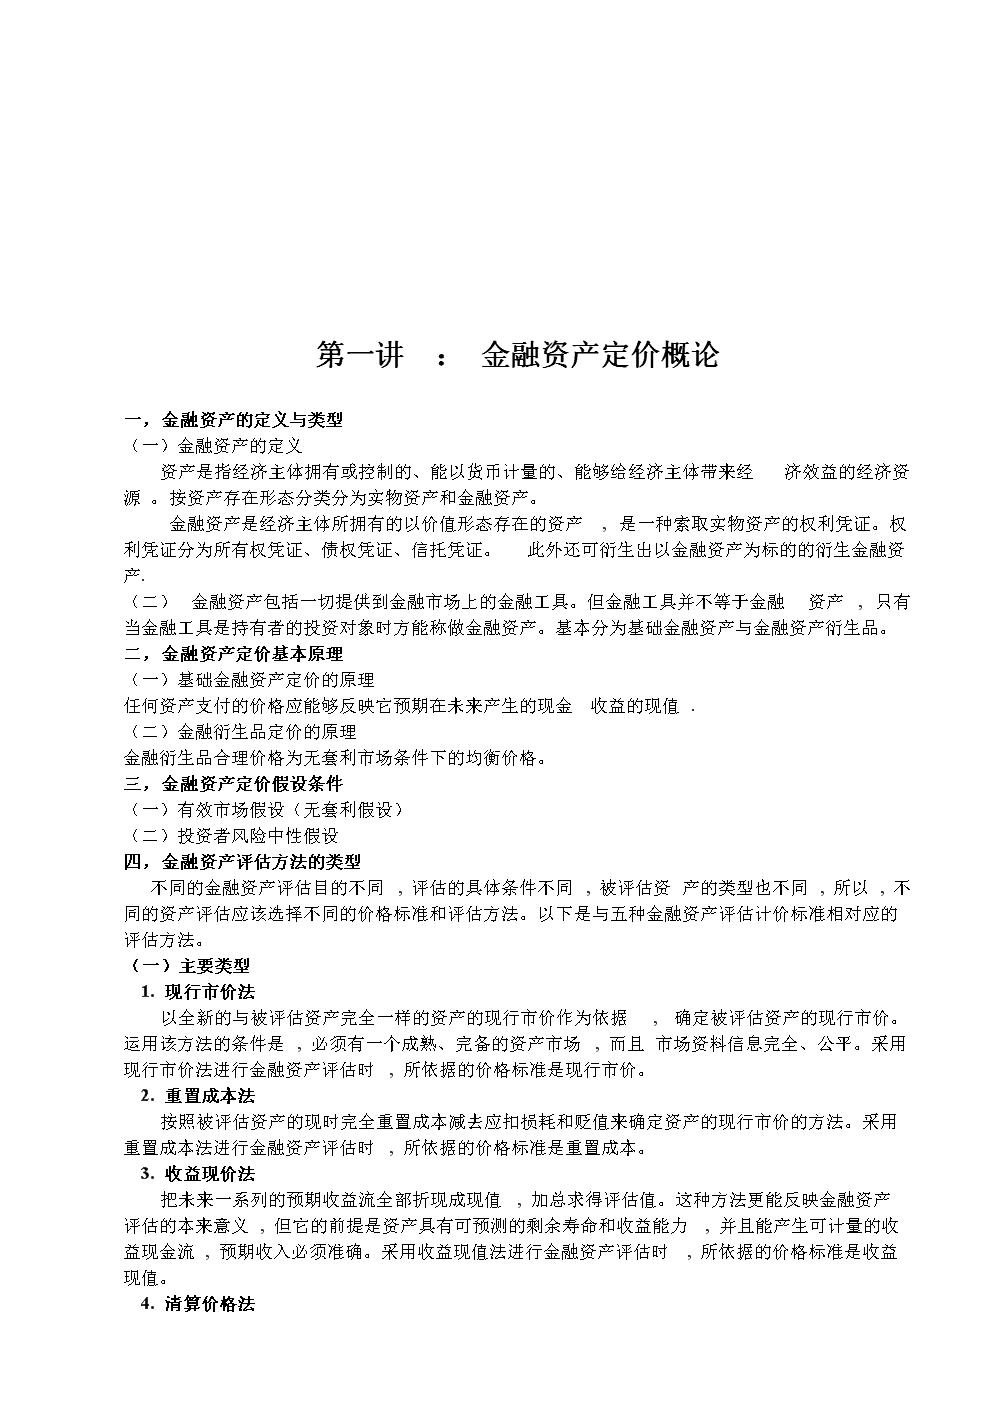 金融资产定价方案分析.doc